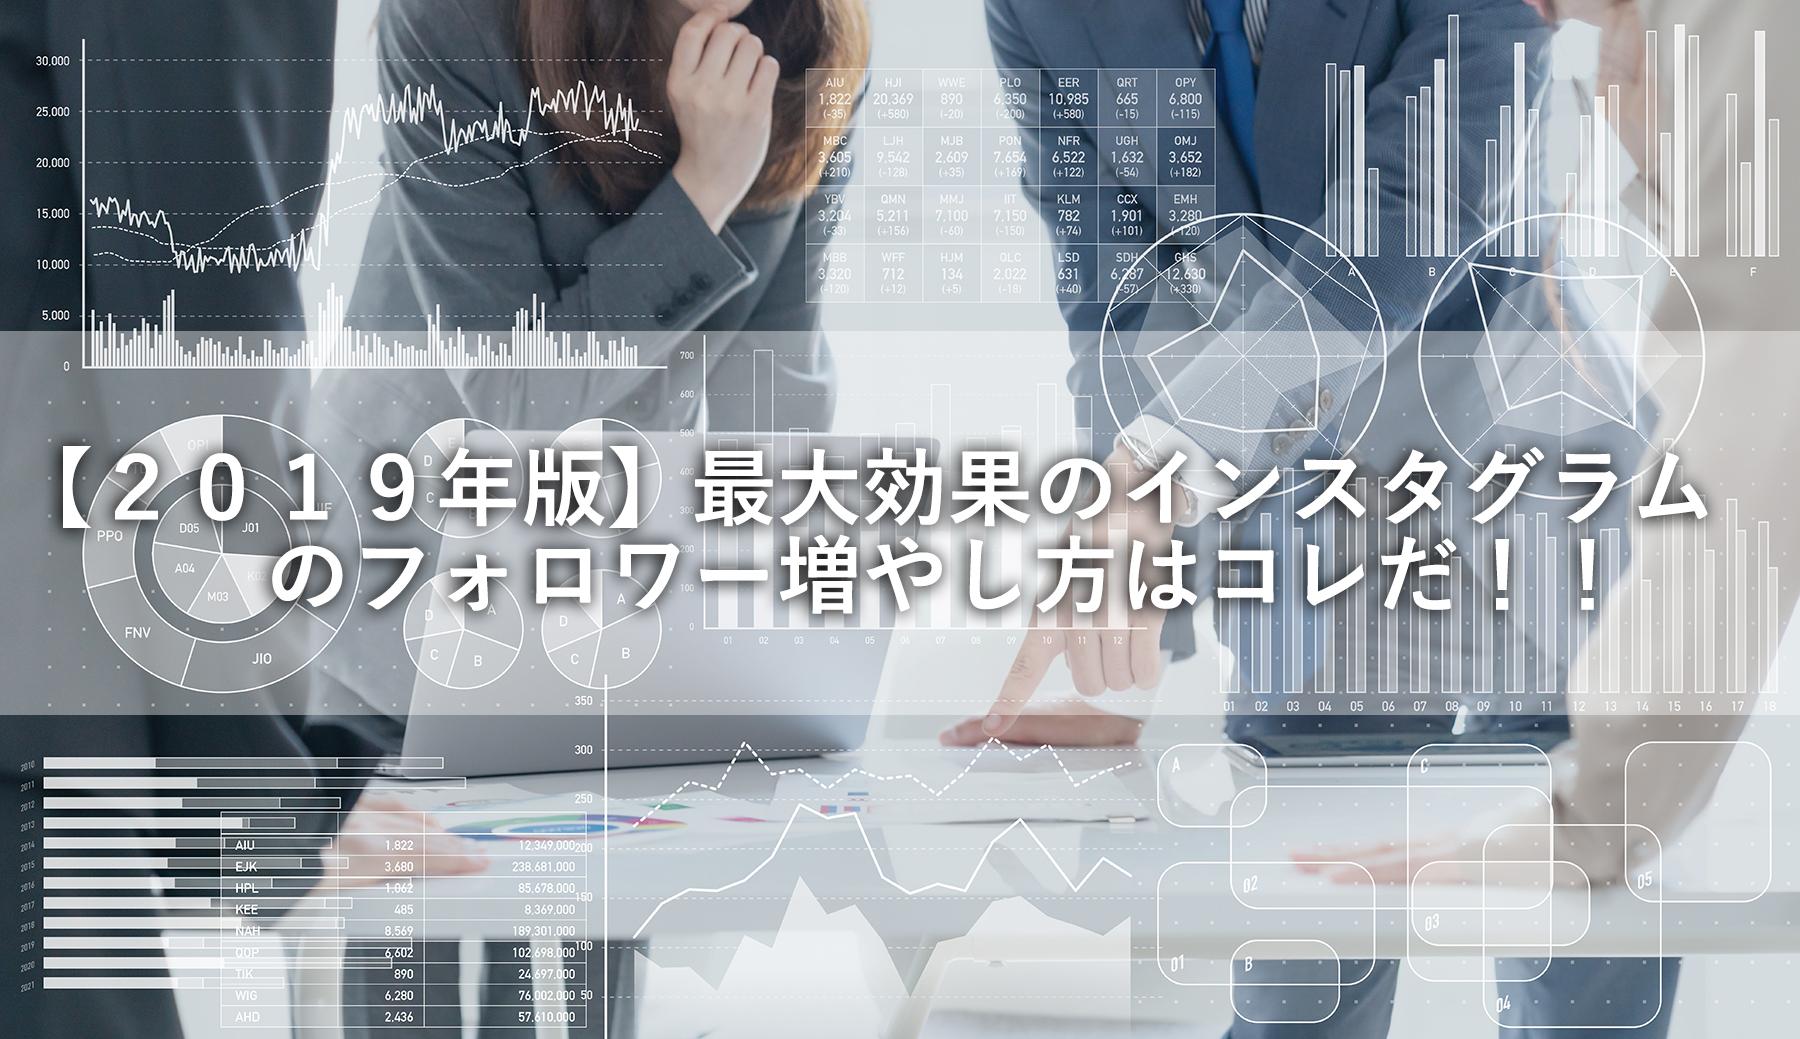 【2019年版】最大効果のインスタグラムのフォロワー増やし方はコレだ!!